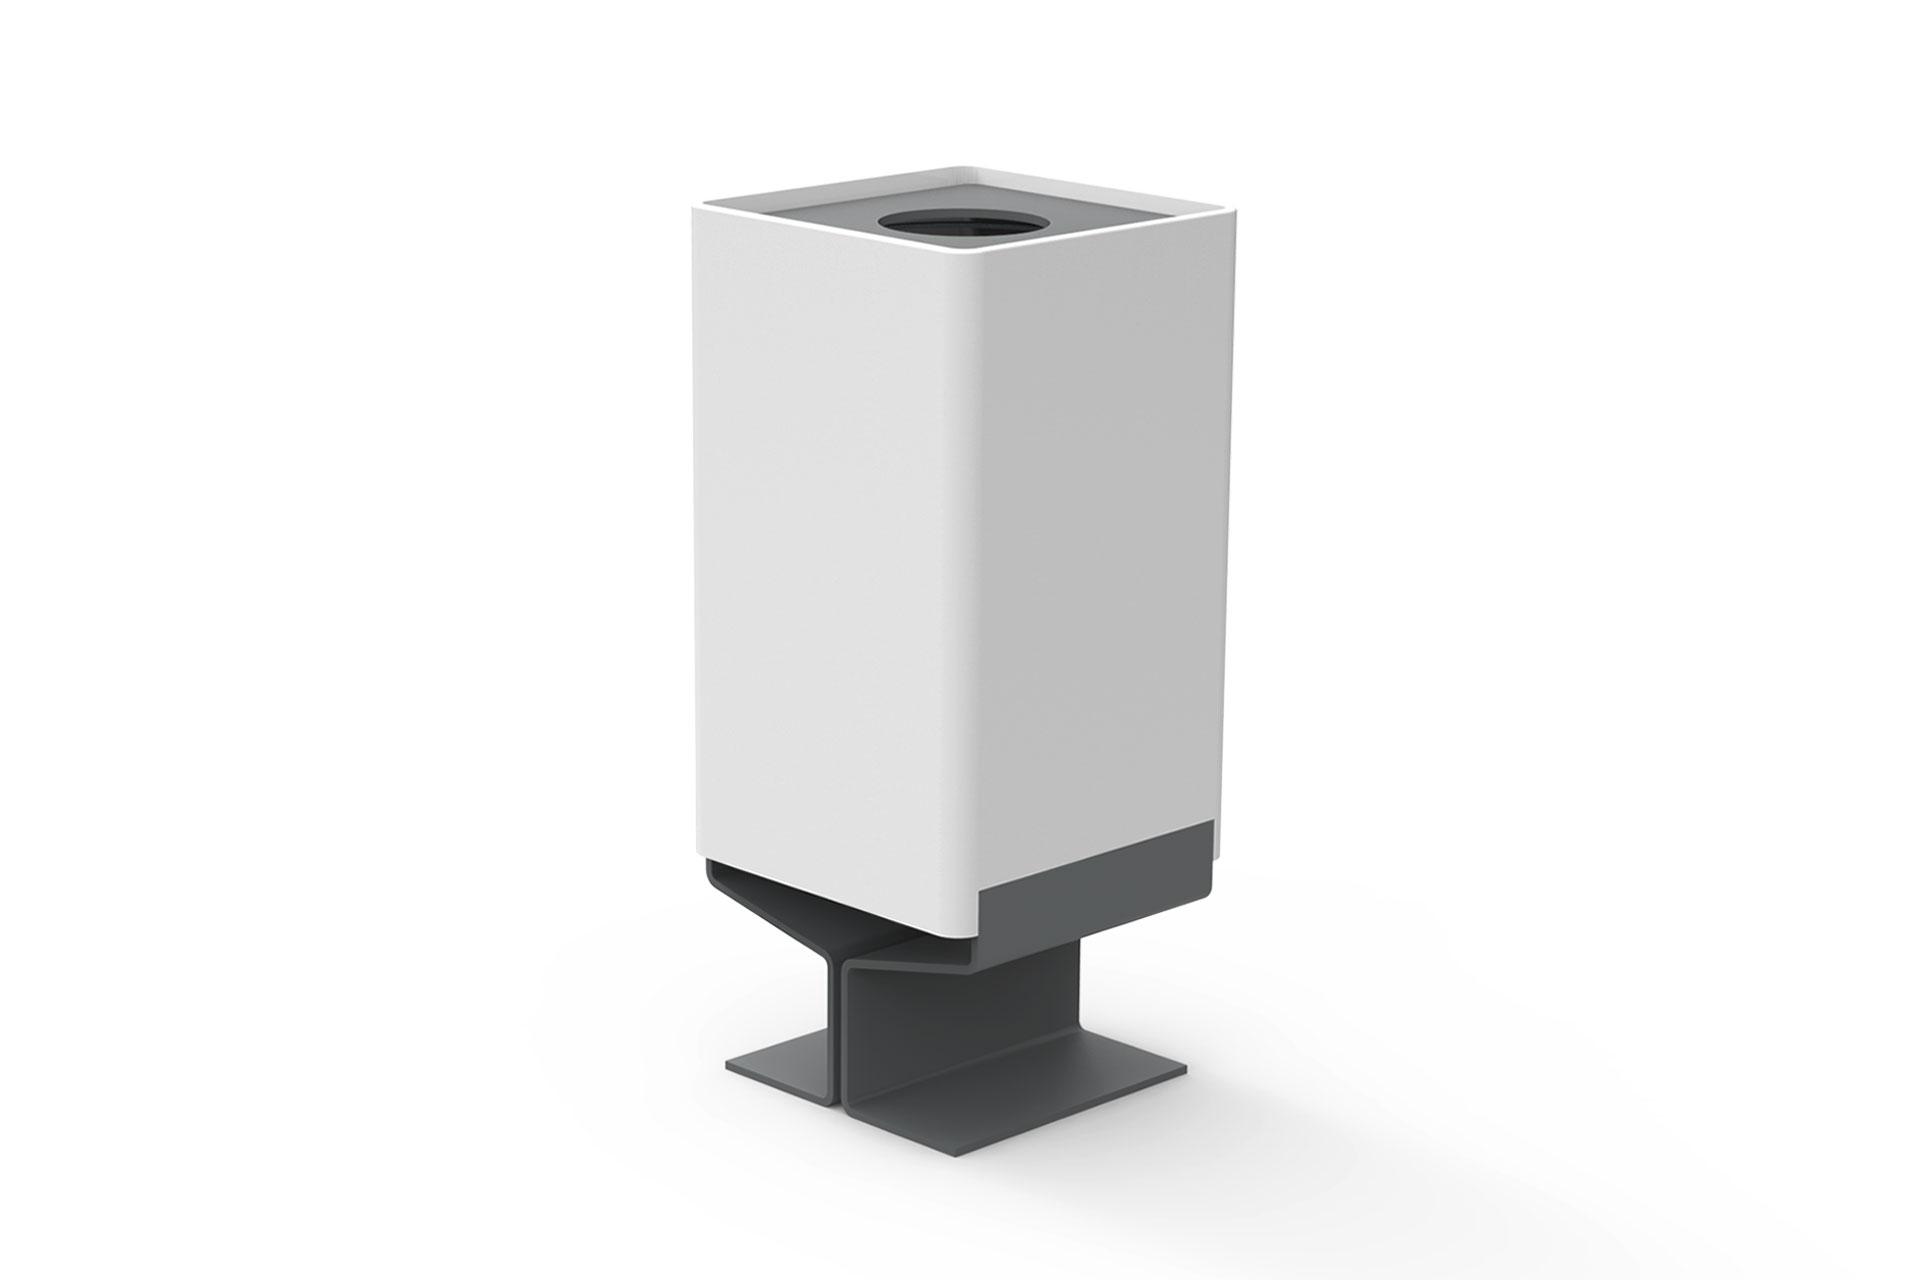 UrbanObjekts Y Abfallbehälter mit Bodenplatte